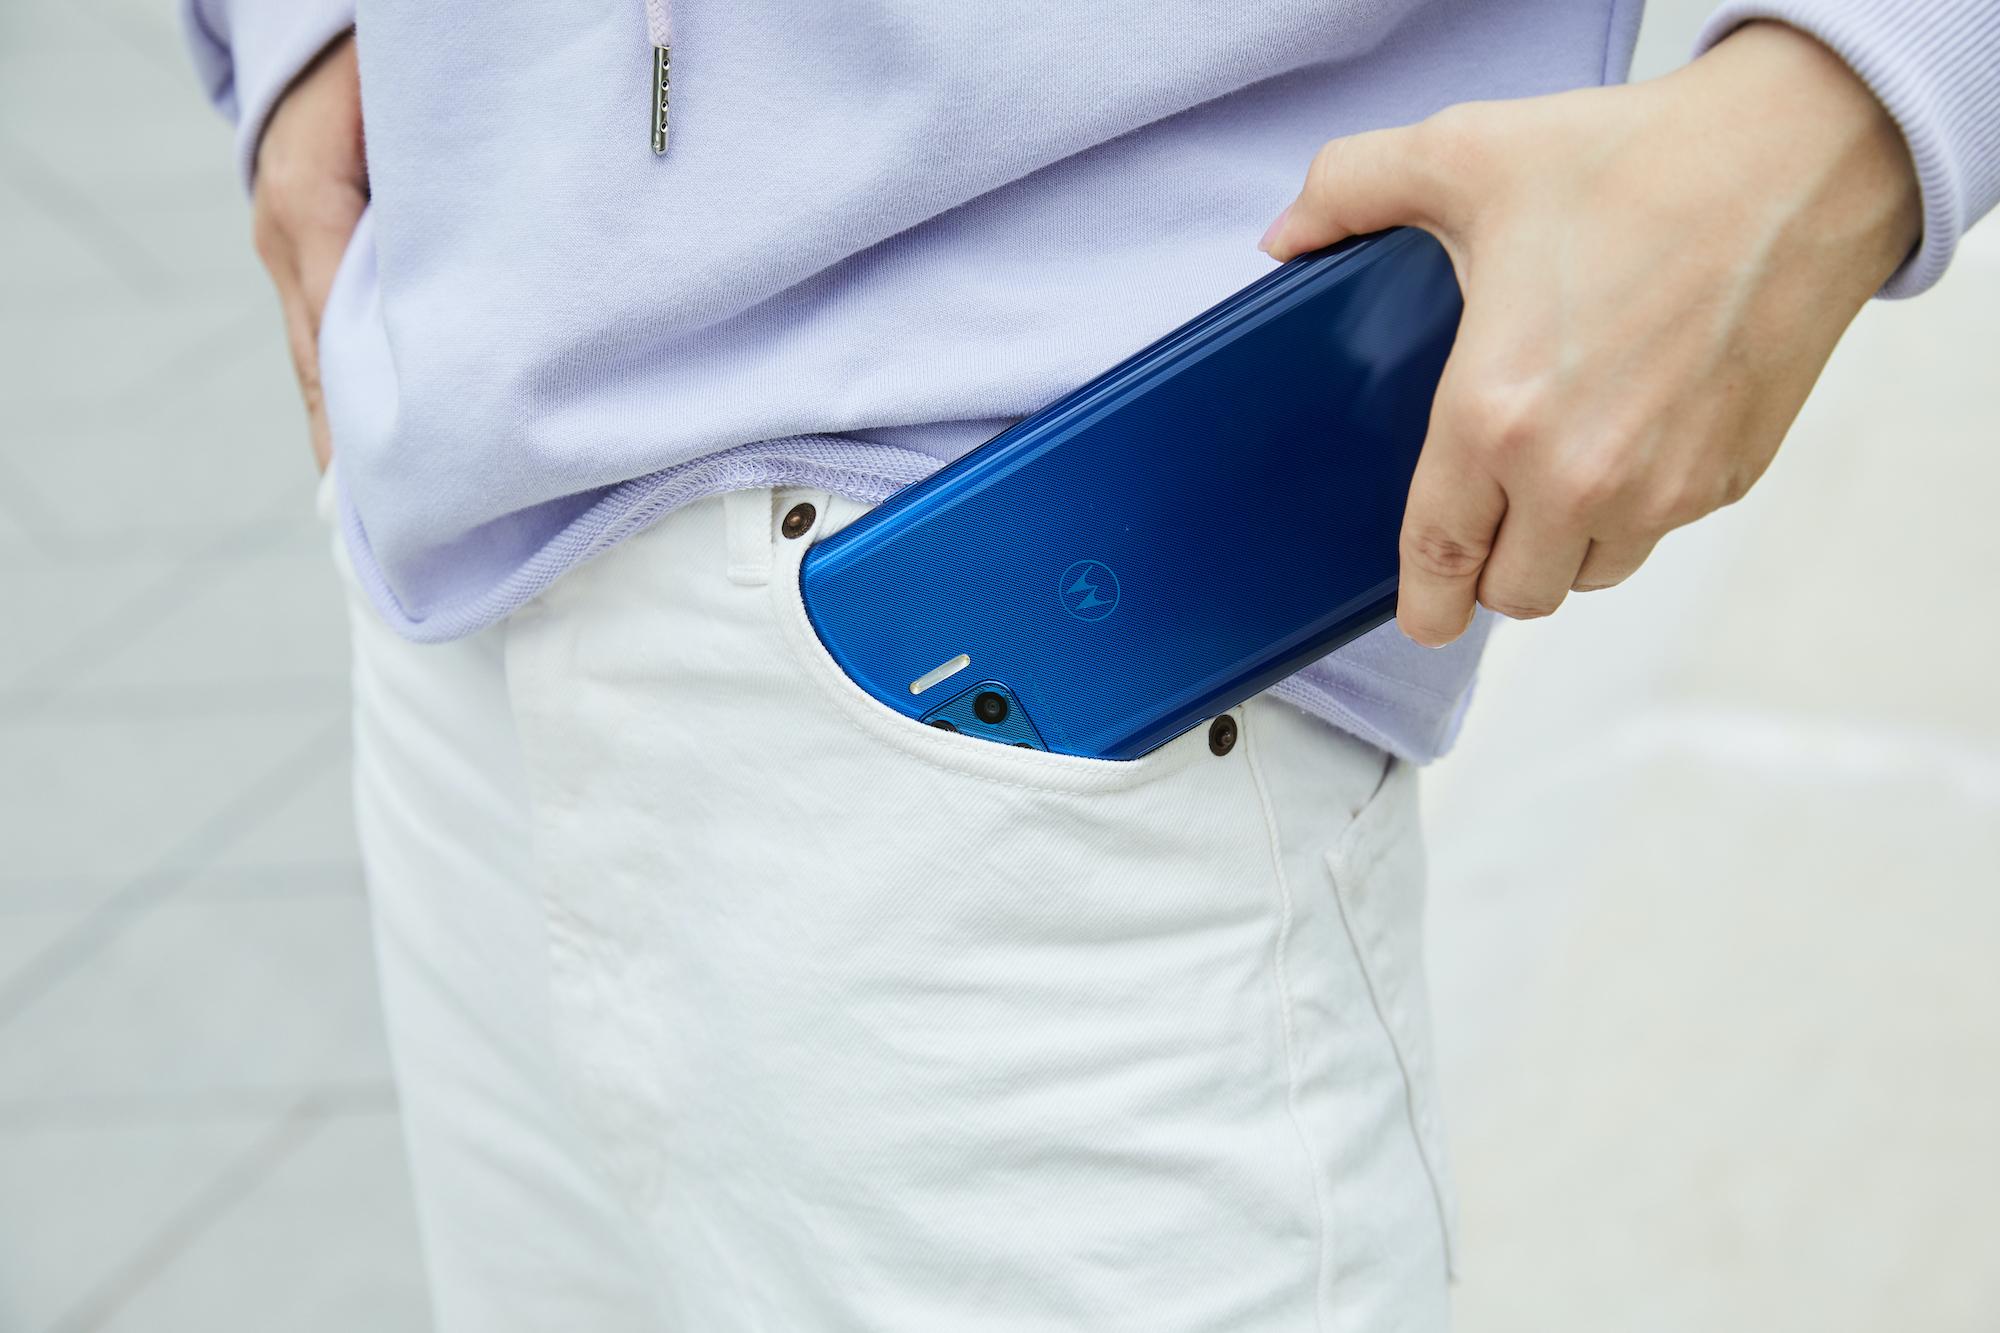 Motorola moto g 5g plus: przyszłość ultraszybkiej łączności dla wszystkich